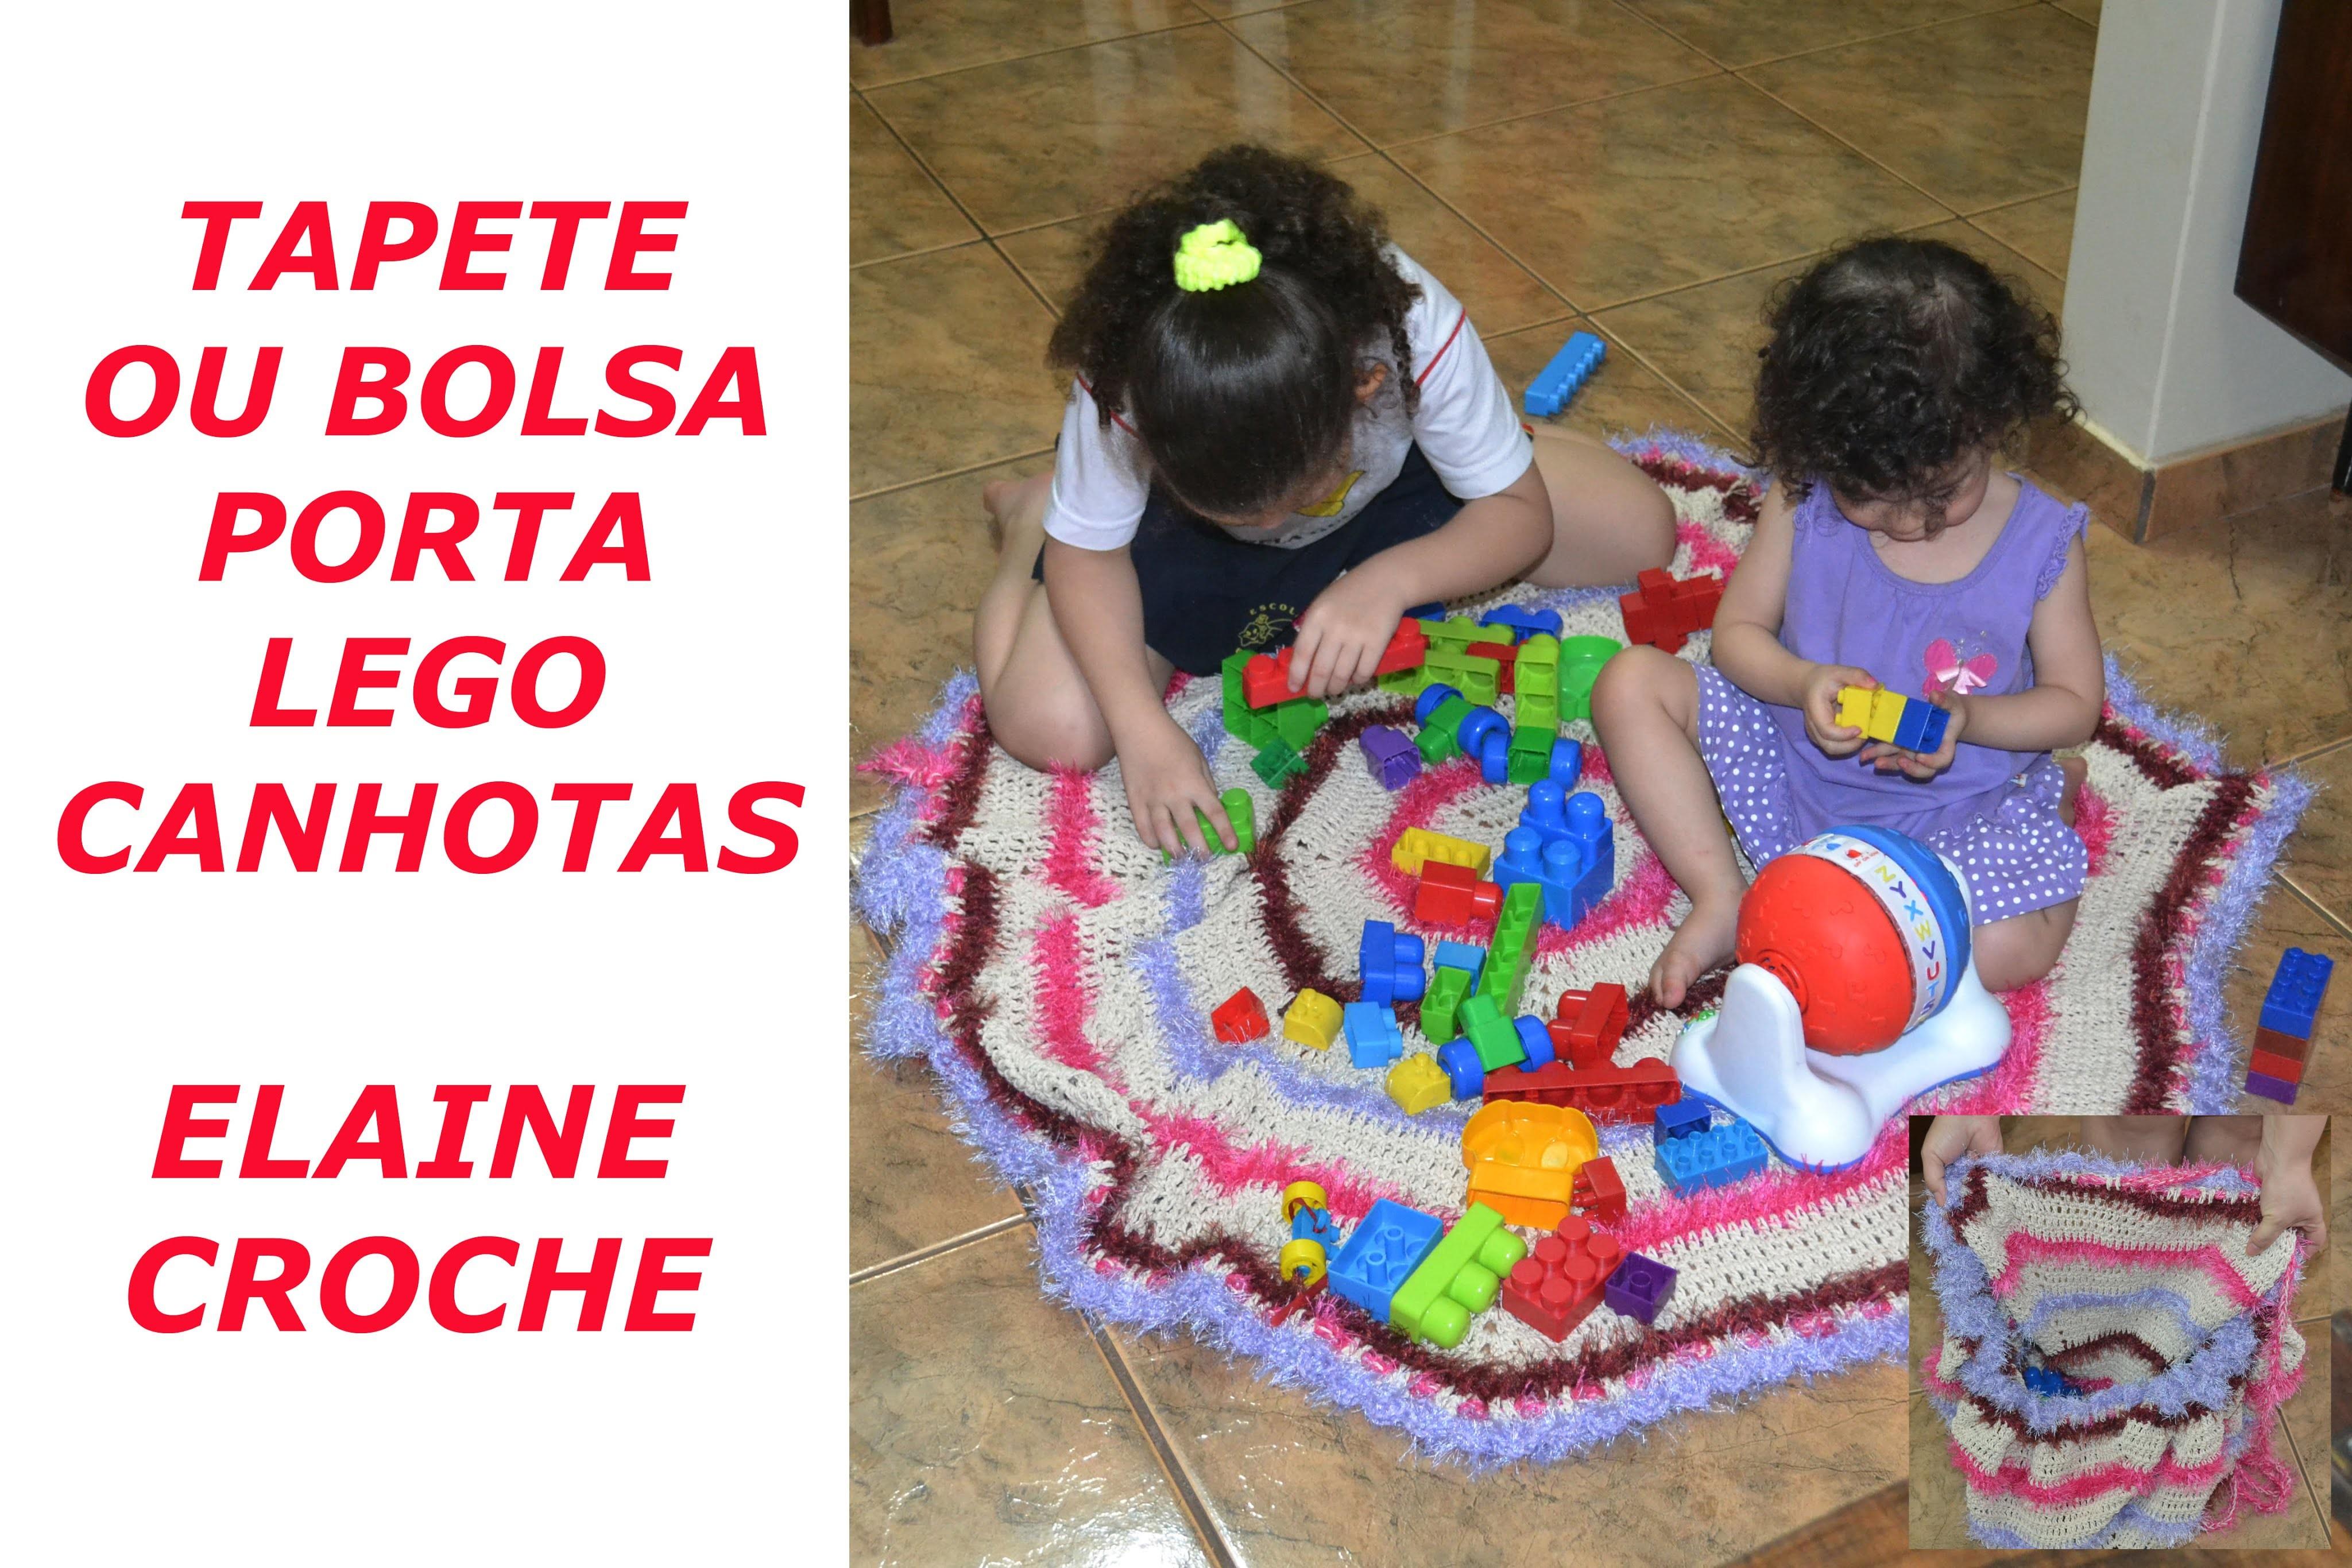 CROCHE PARA CANHOTOS - LEFT HANDED CROCHET - TAPETE OU BOLSA PORTA LEGO CROCHÊ CANHOTAS